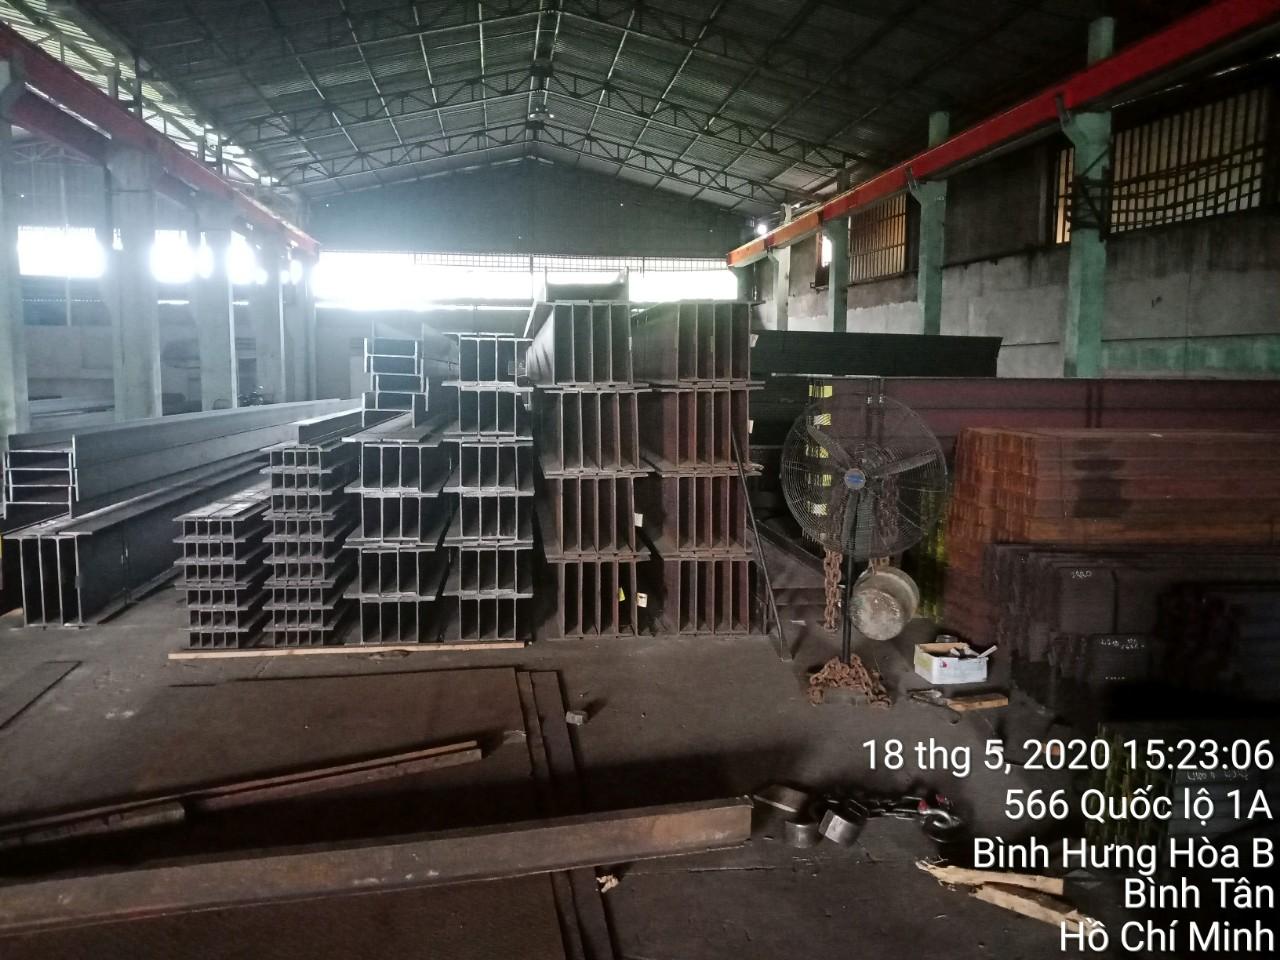 thep-i-xay-dung-ton-thep-sang-chinh-steel